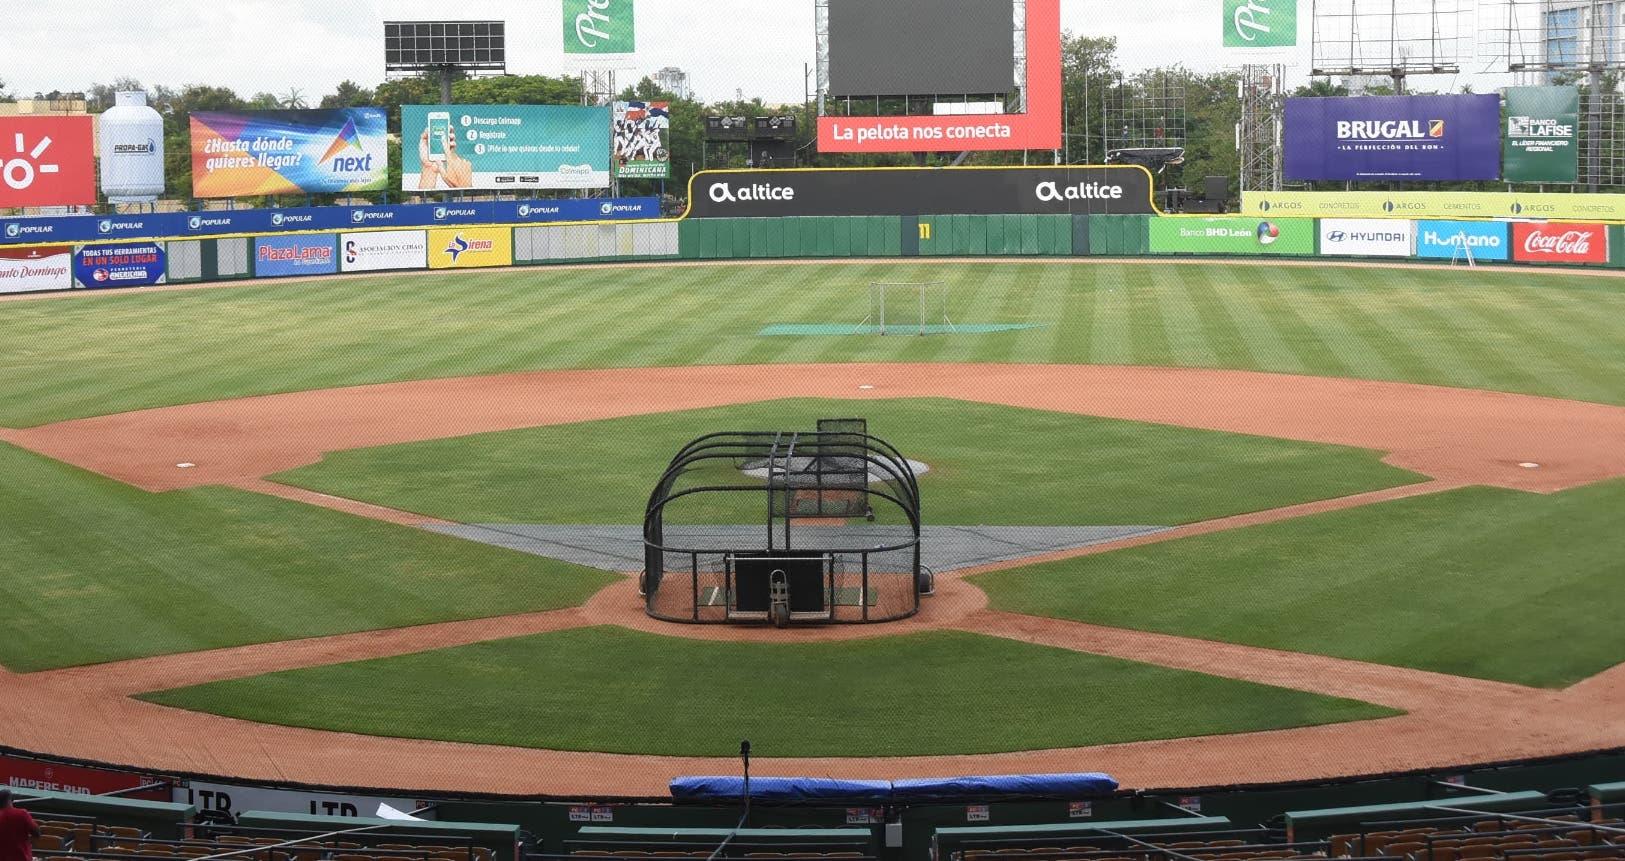 En estas condiciones luce el terreno del estadio Quisqueya Juan Marichal, donde hoy será inaugurado el torneo de béisbol invernal.